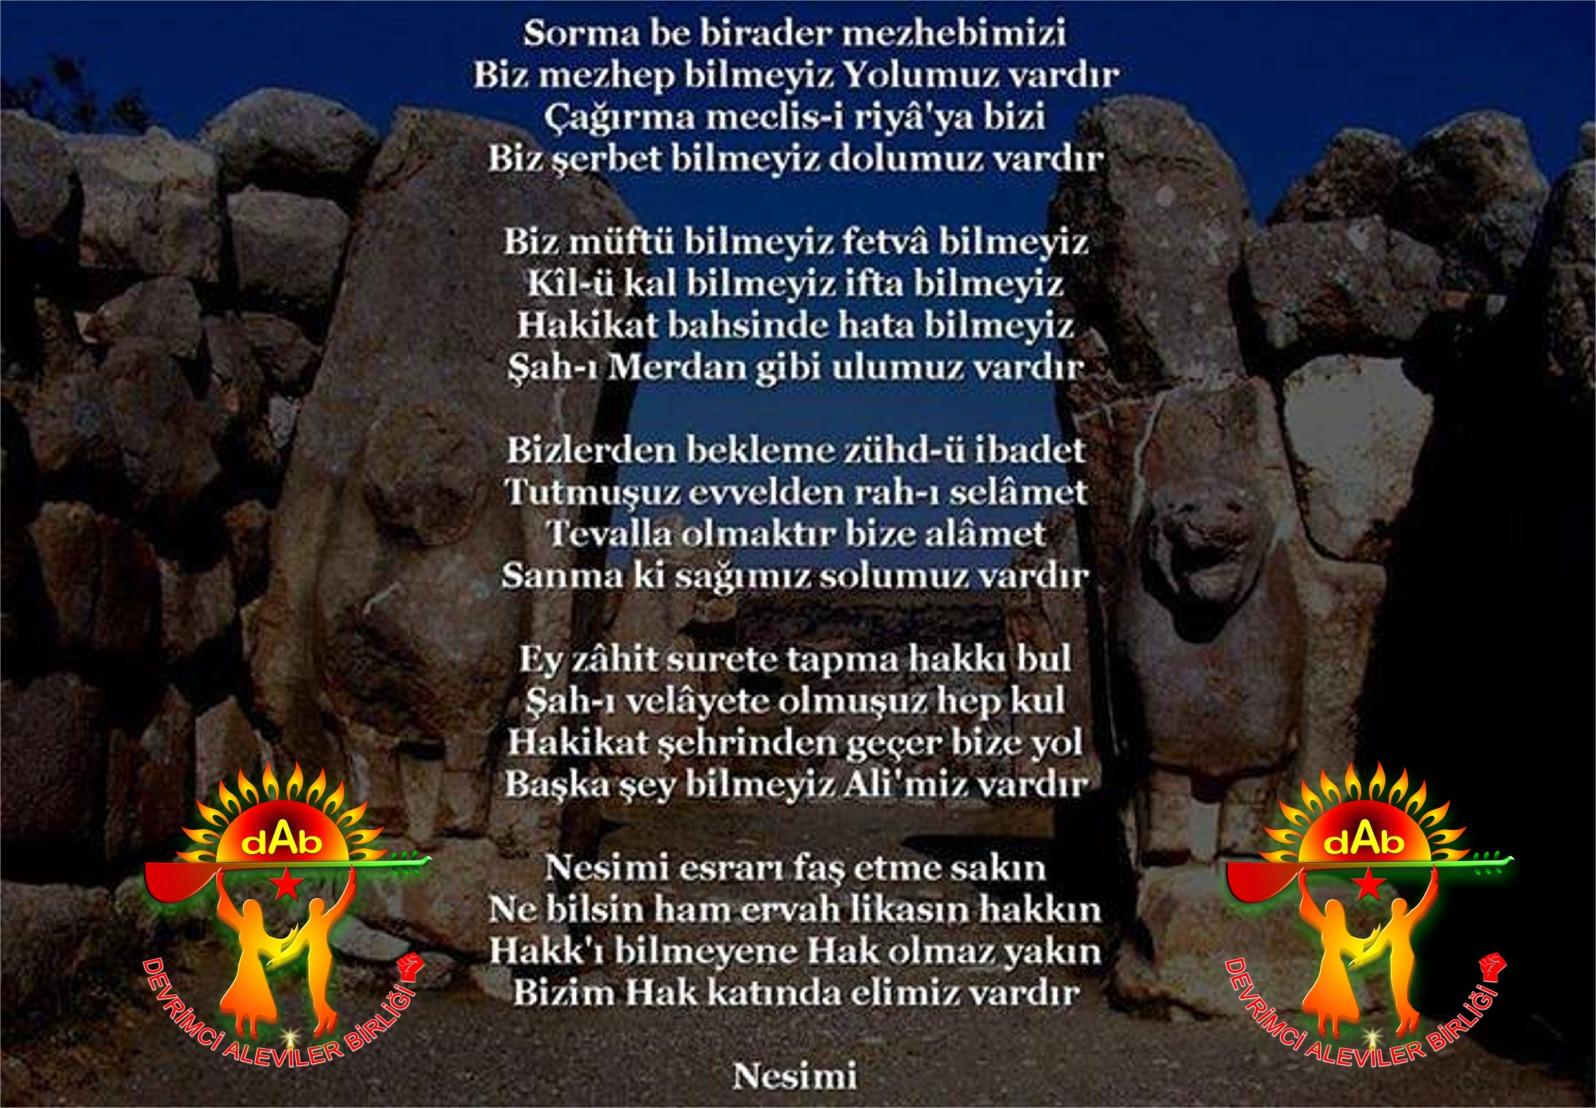 Alevi Bektaşi Kızılbaş Pir Sultan İslam dışı Atatürk faşist Devrimci Aleviler Birliği DAB nesimi vardır